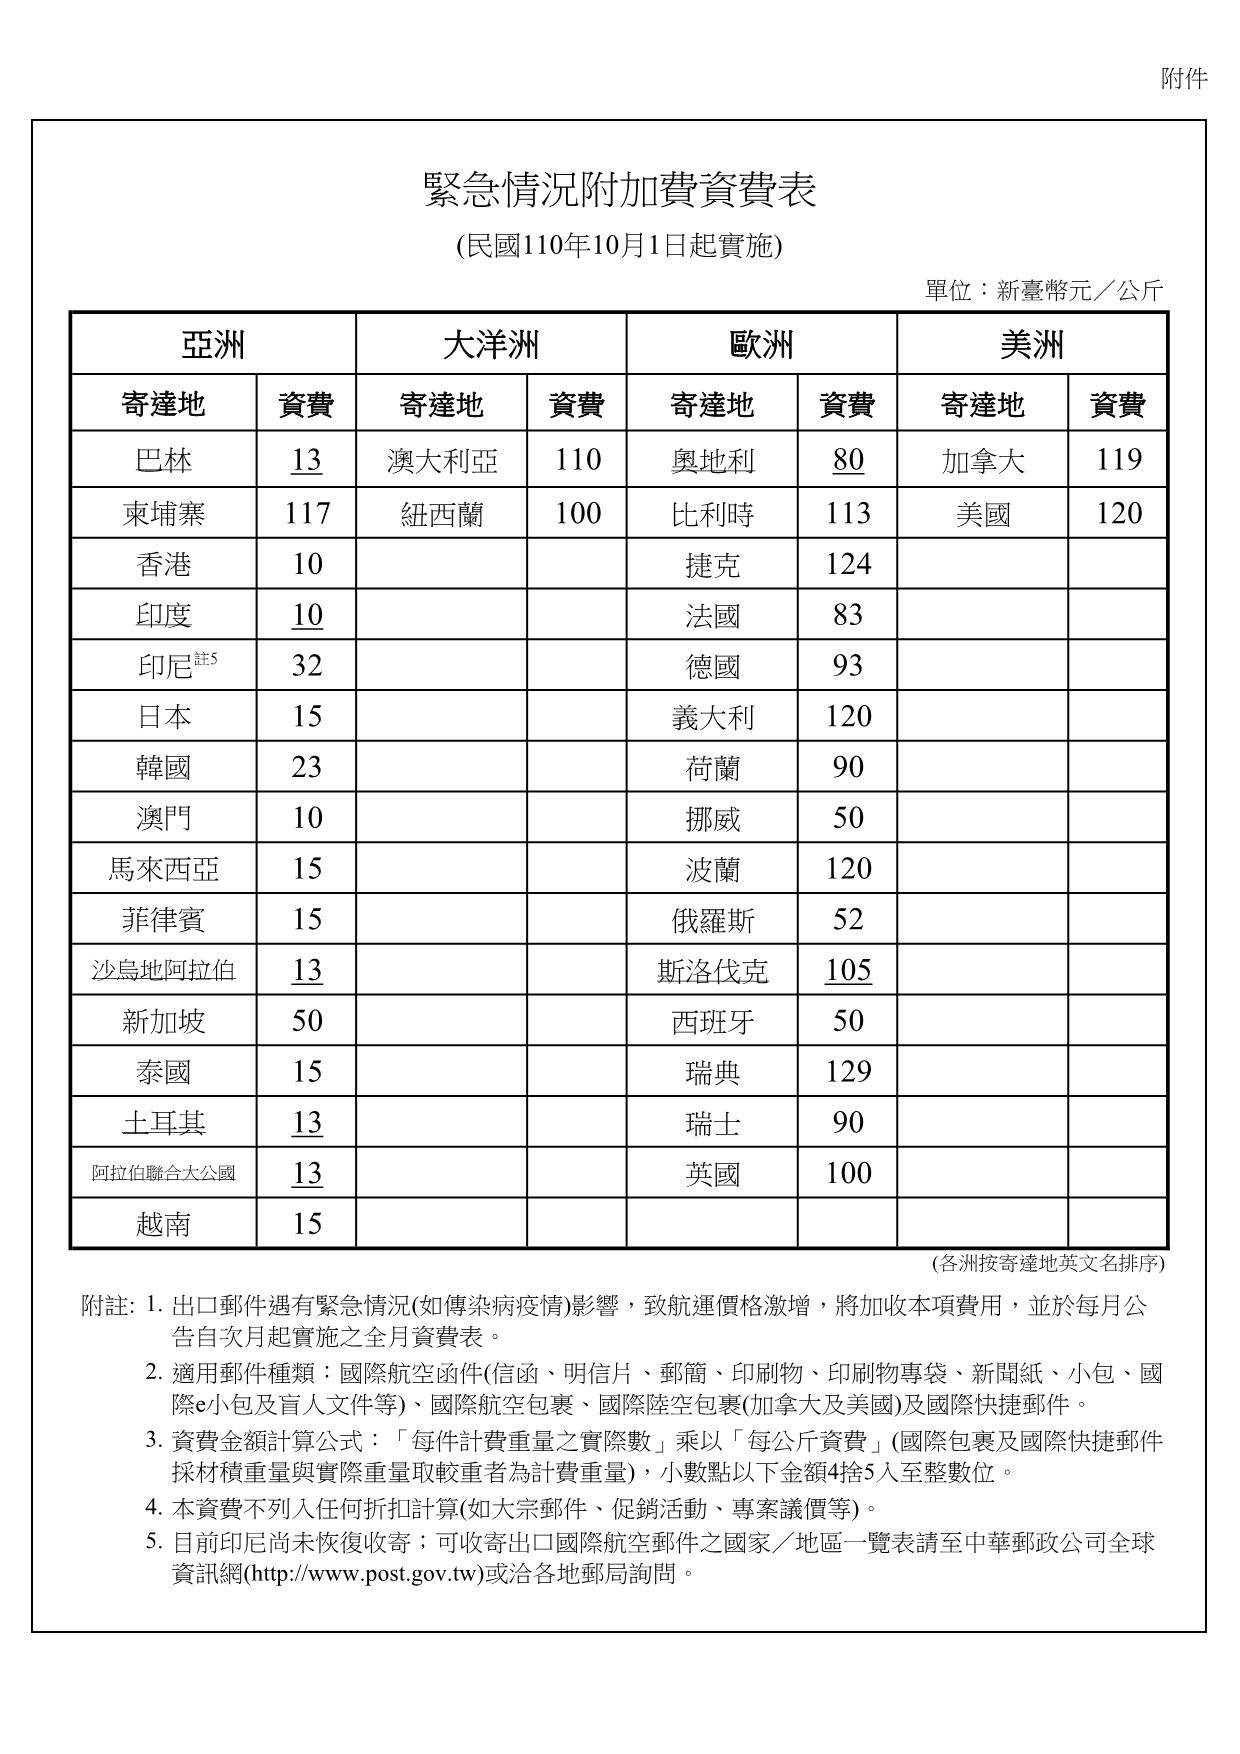 緊急情況附加費資費表(1101001實施)